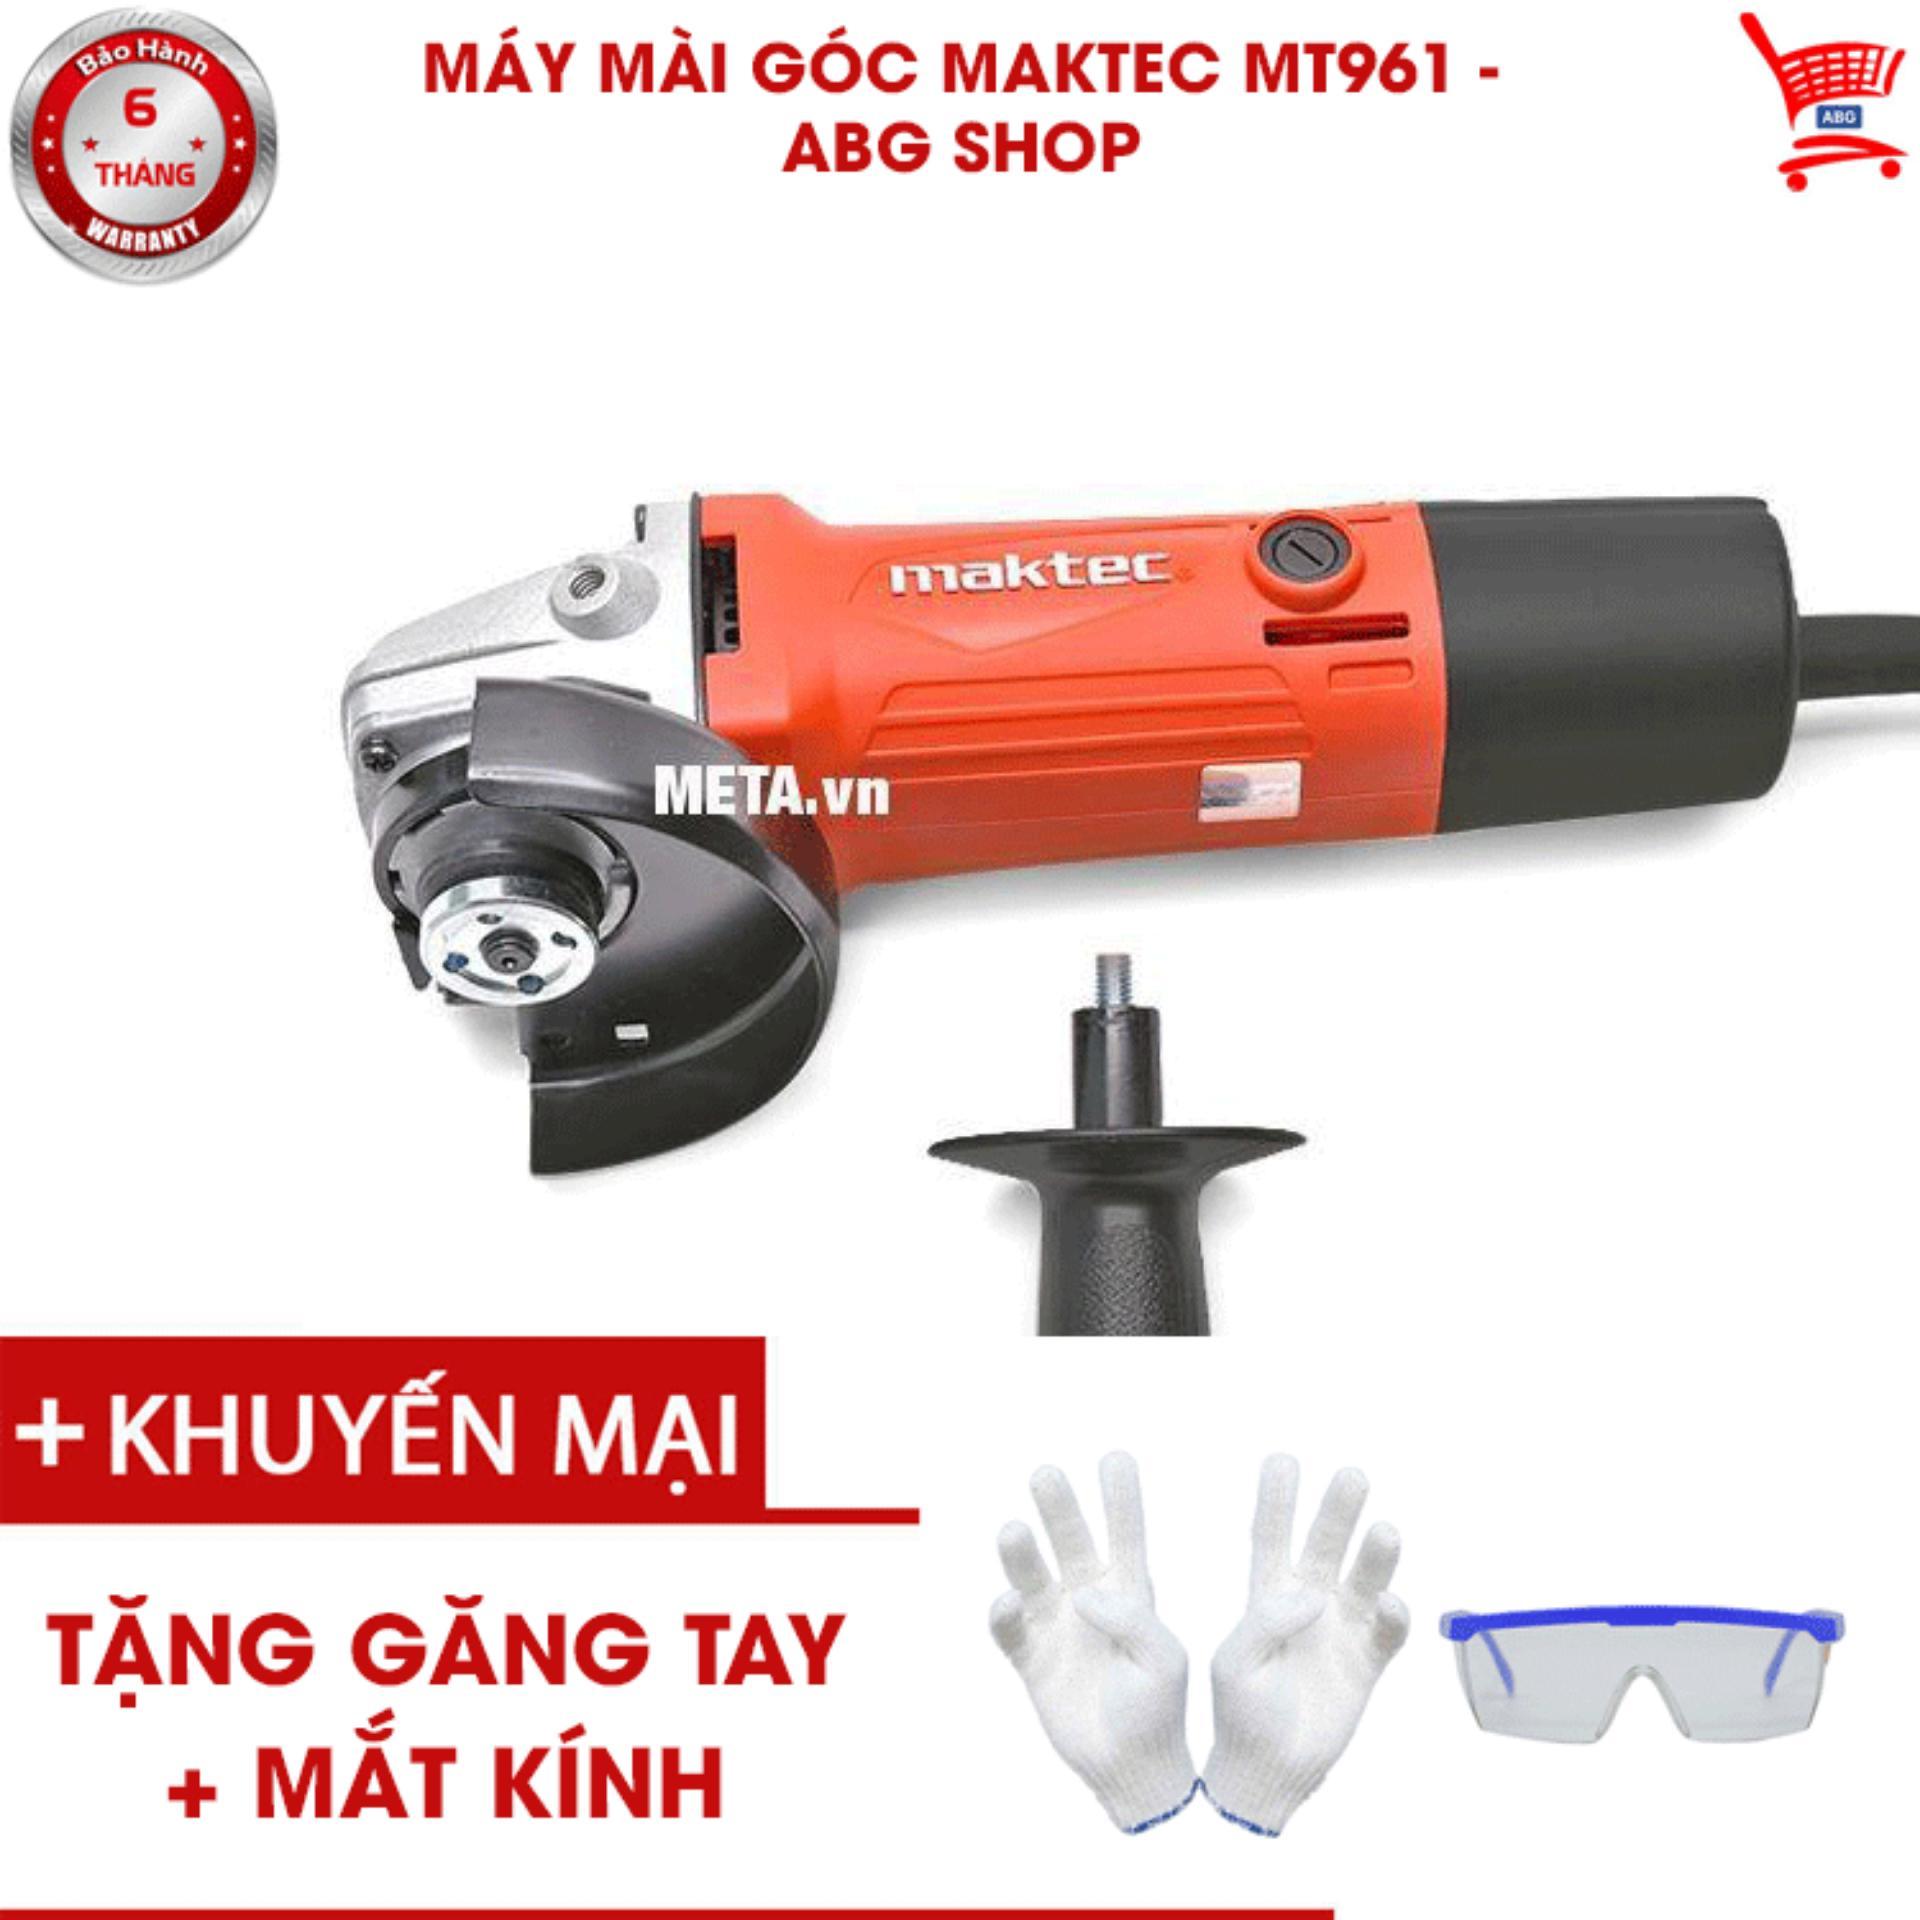 Máy mài góc Maktec MT961 - ABG shop